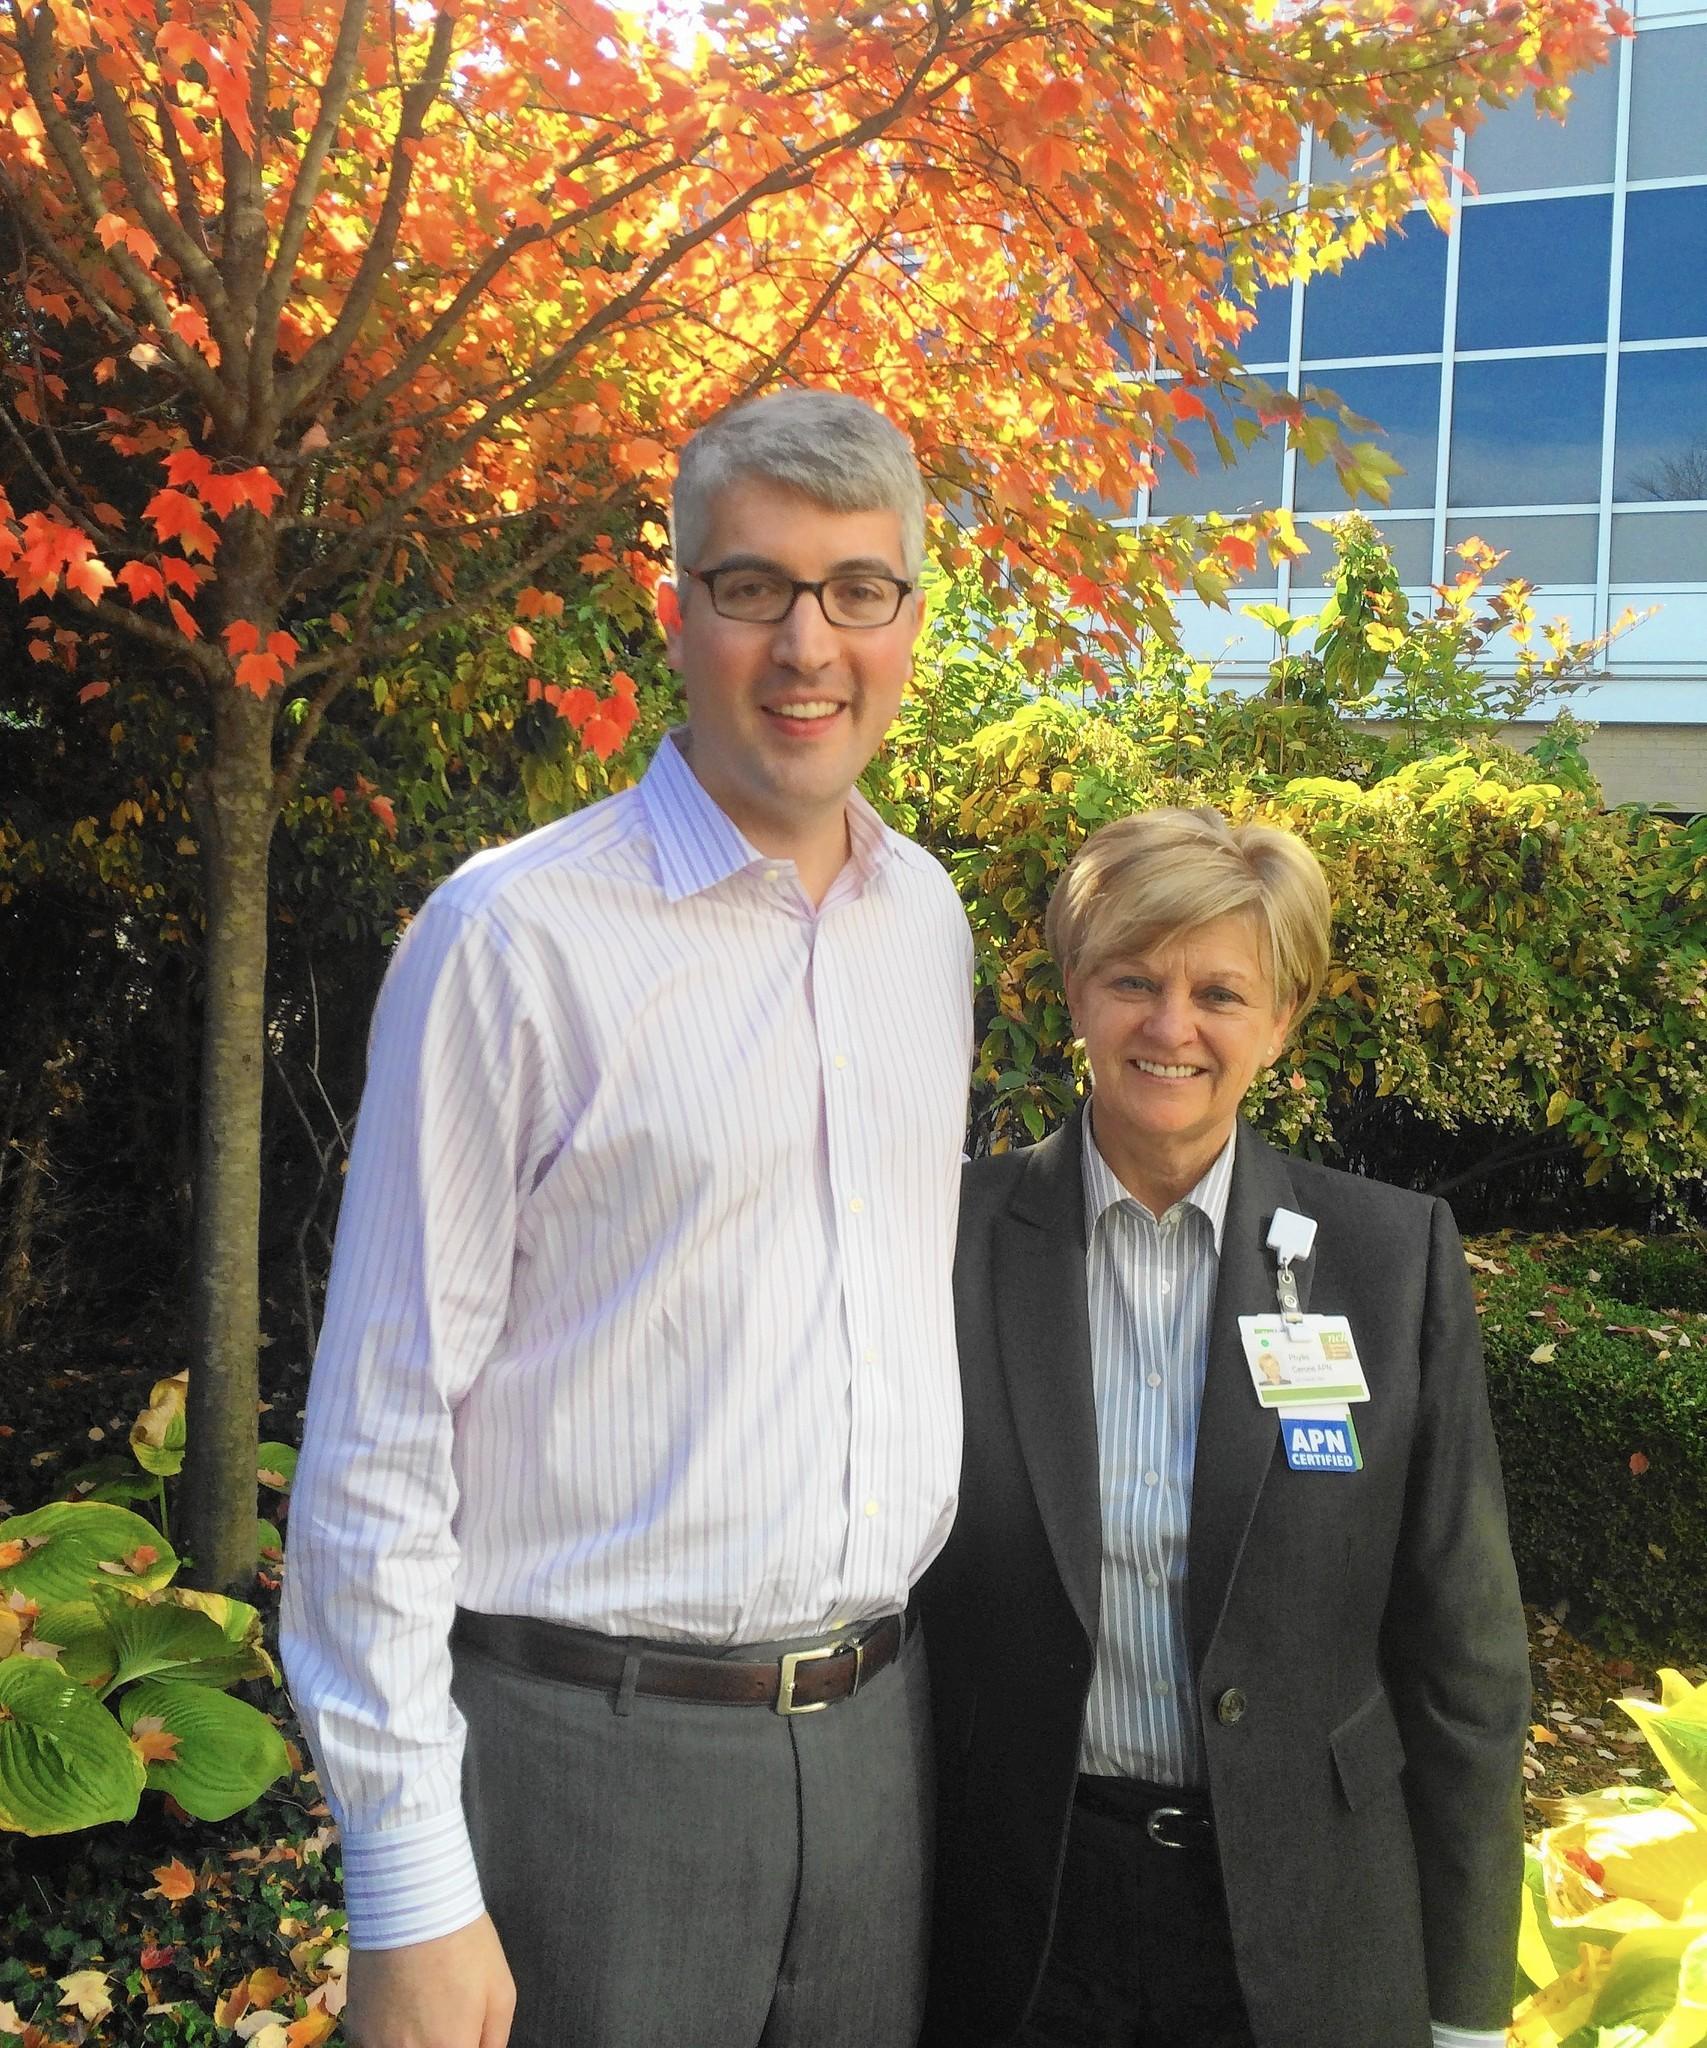 Northwest Community Among Hospitals Recognized For Short